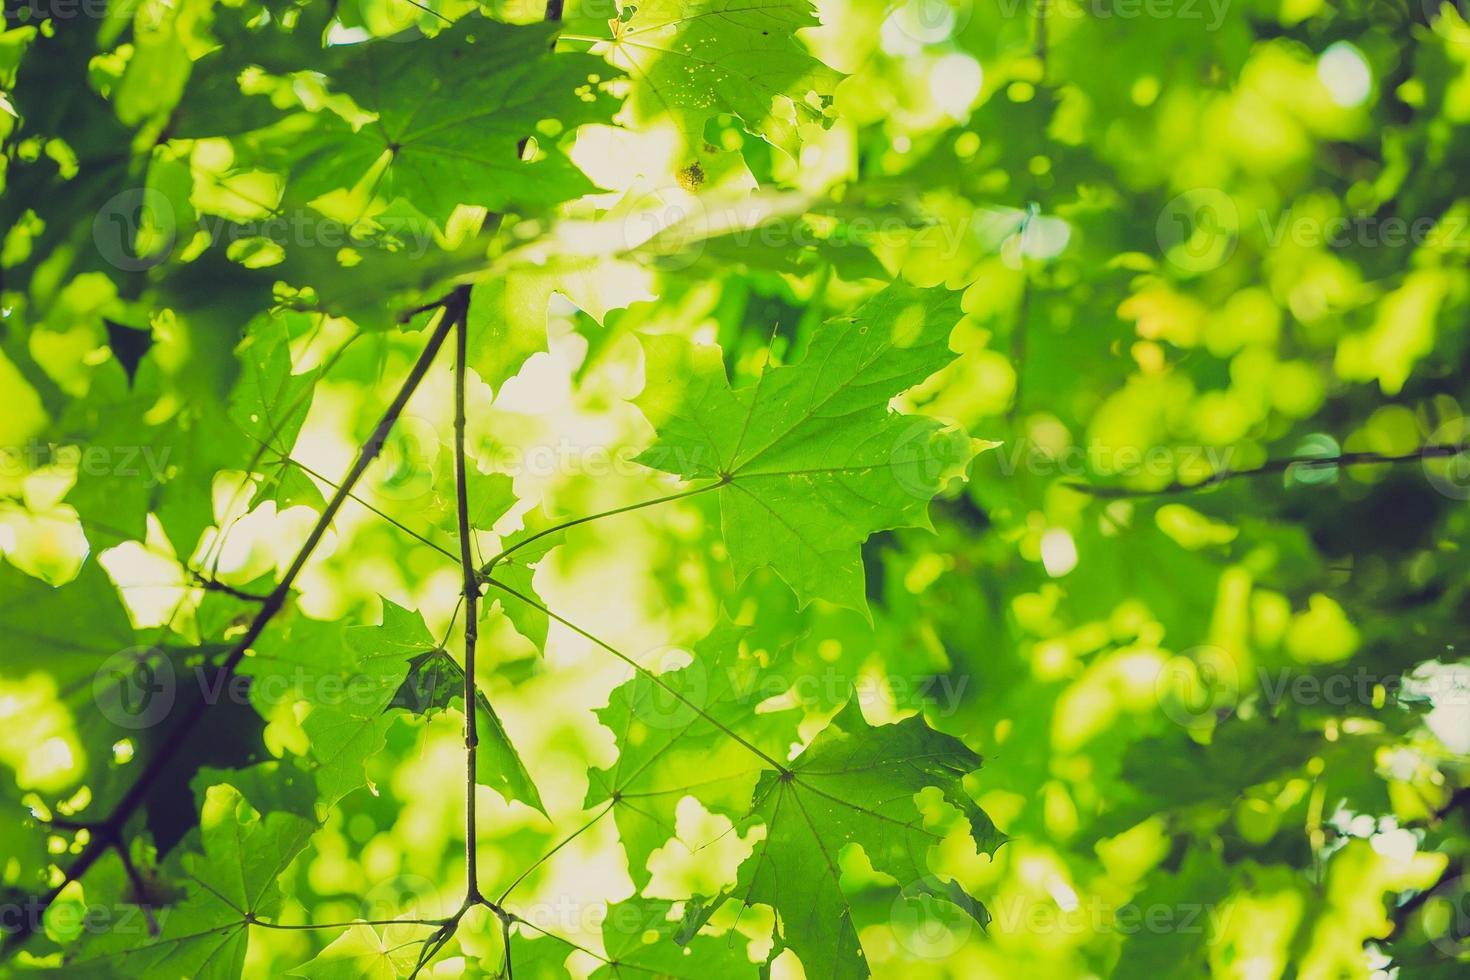 tappningfoto av abstrakt bakgrund av gröna trädgrenar foto